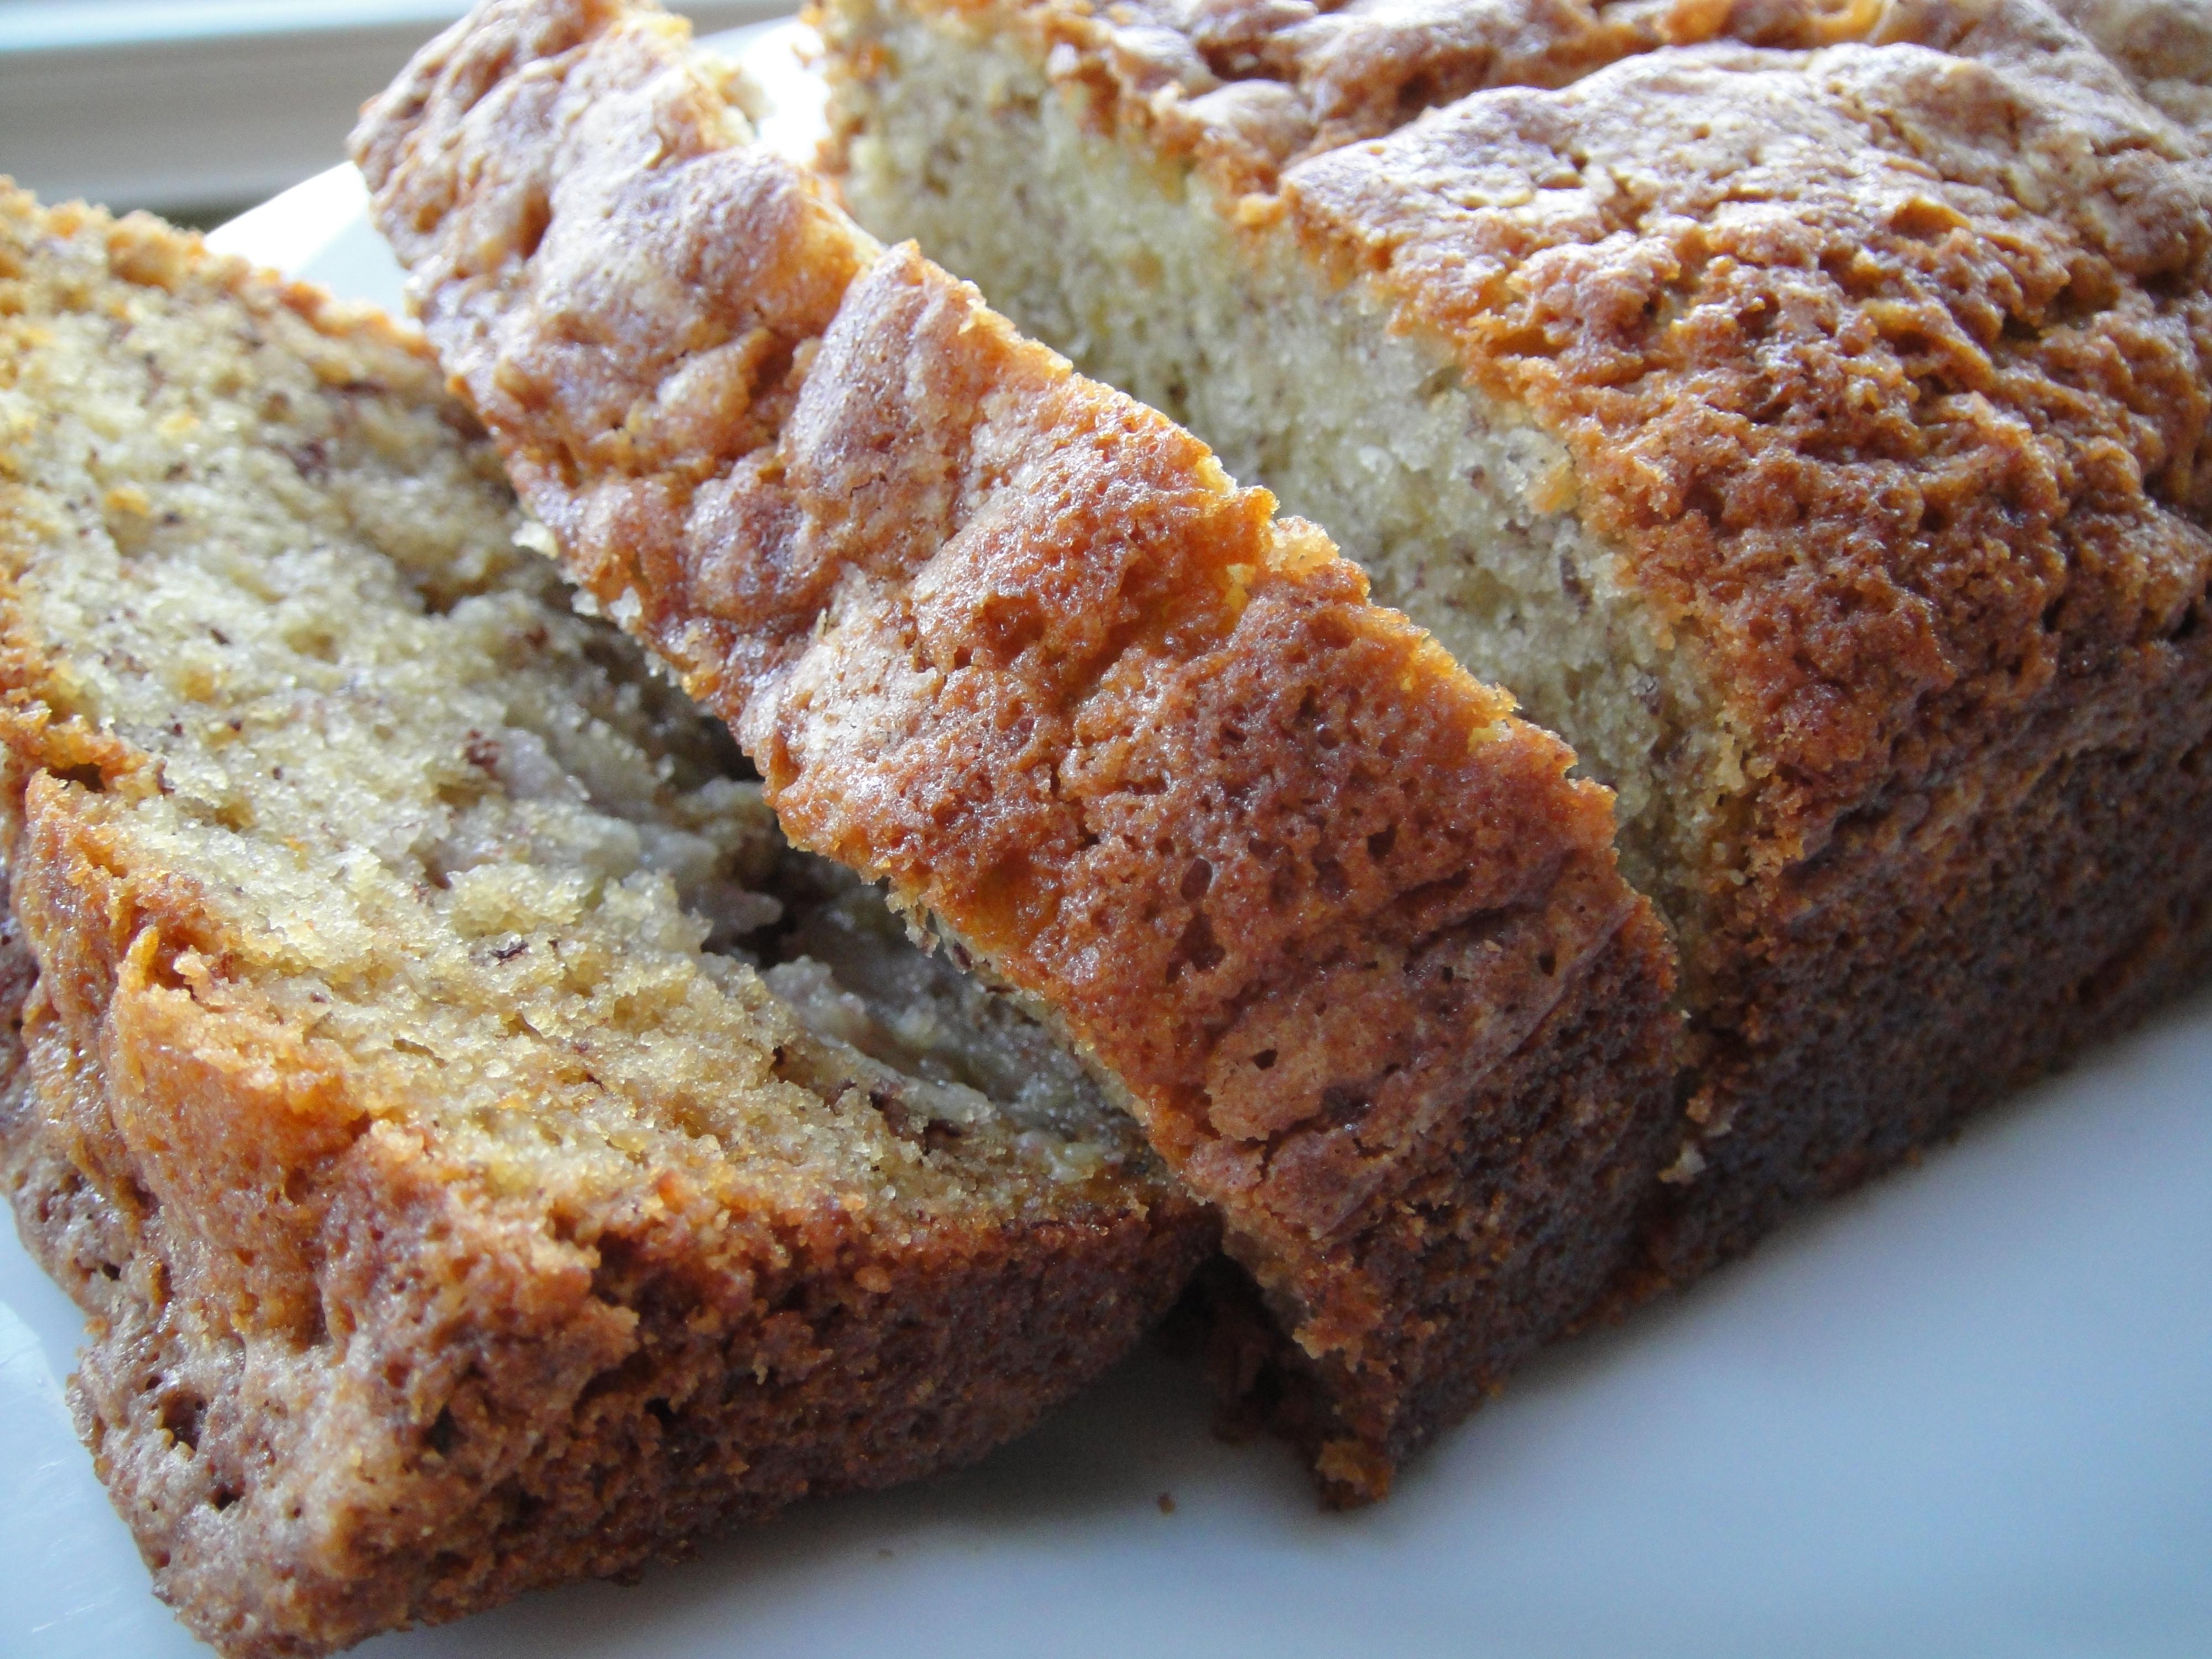 Banana Bread Receipe  How to Make Banana Bread